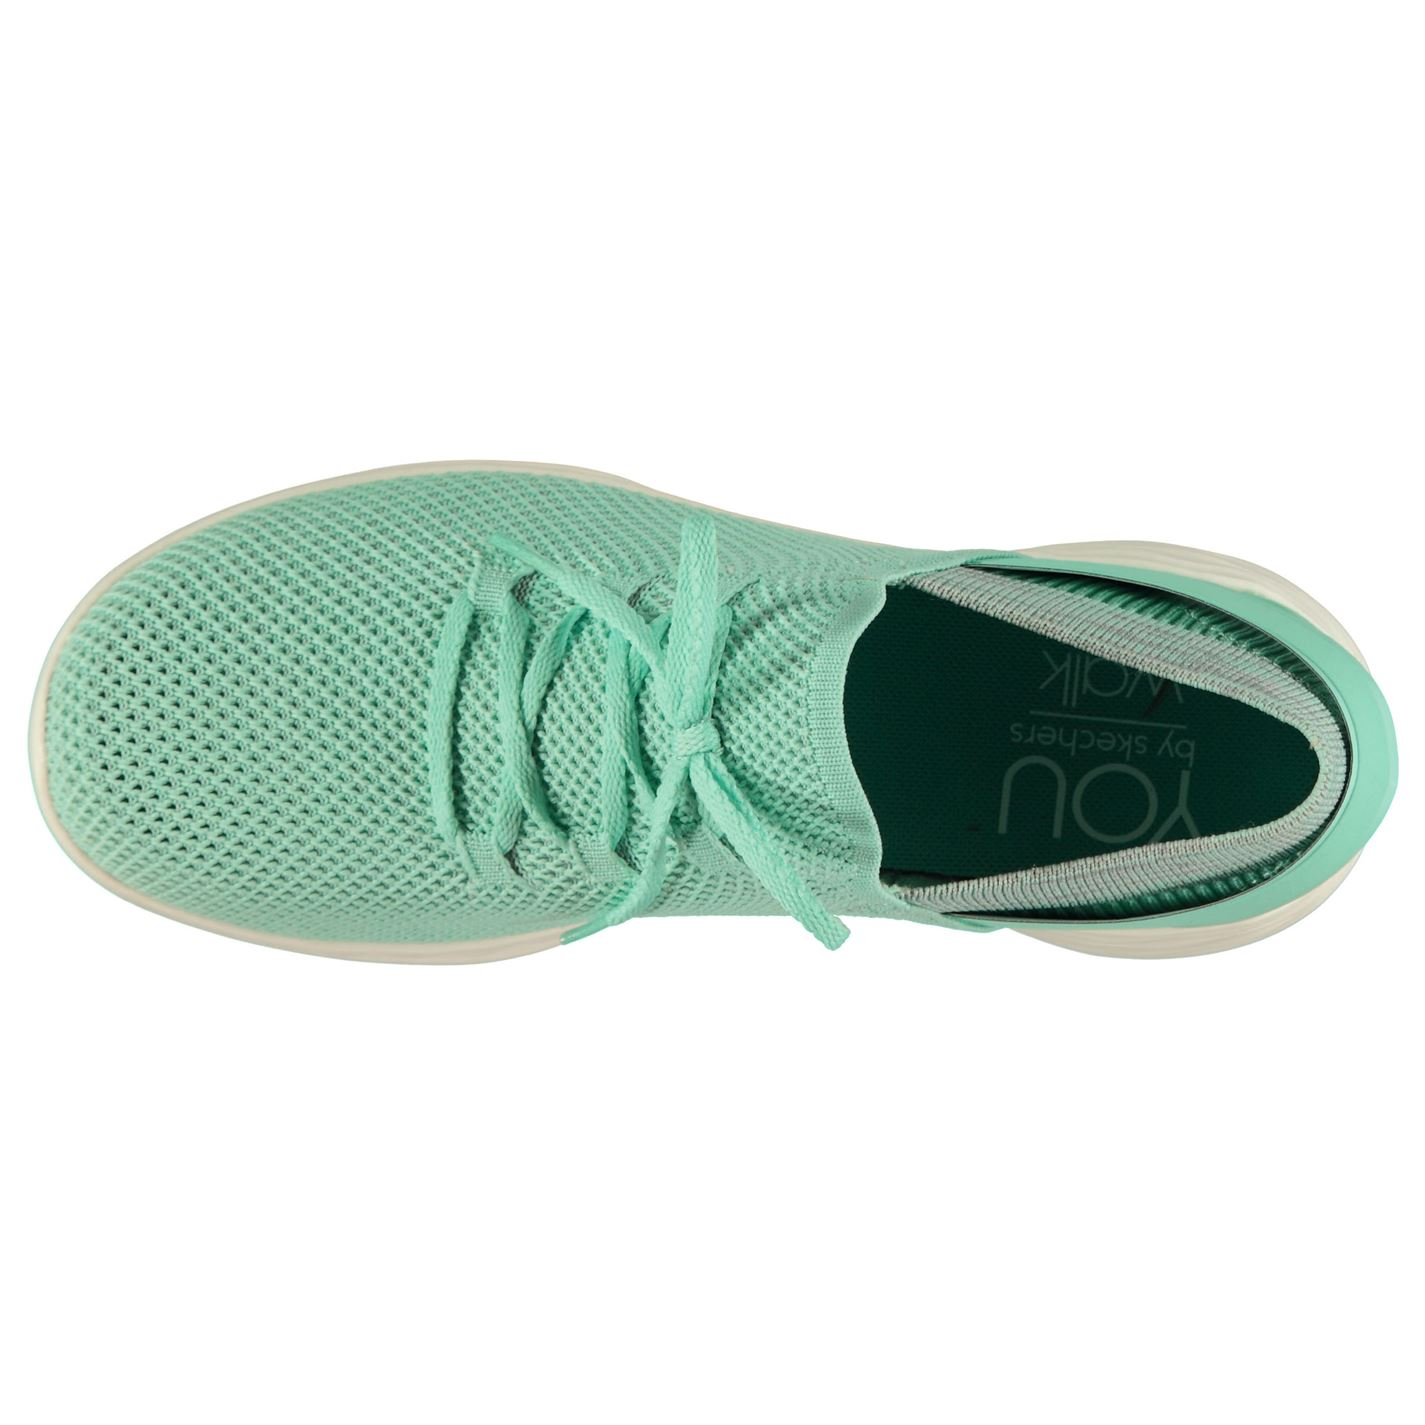 Skechers que que que espíritu Zapatos Damas corrojoores Cordones atados malla ligera 959df7